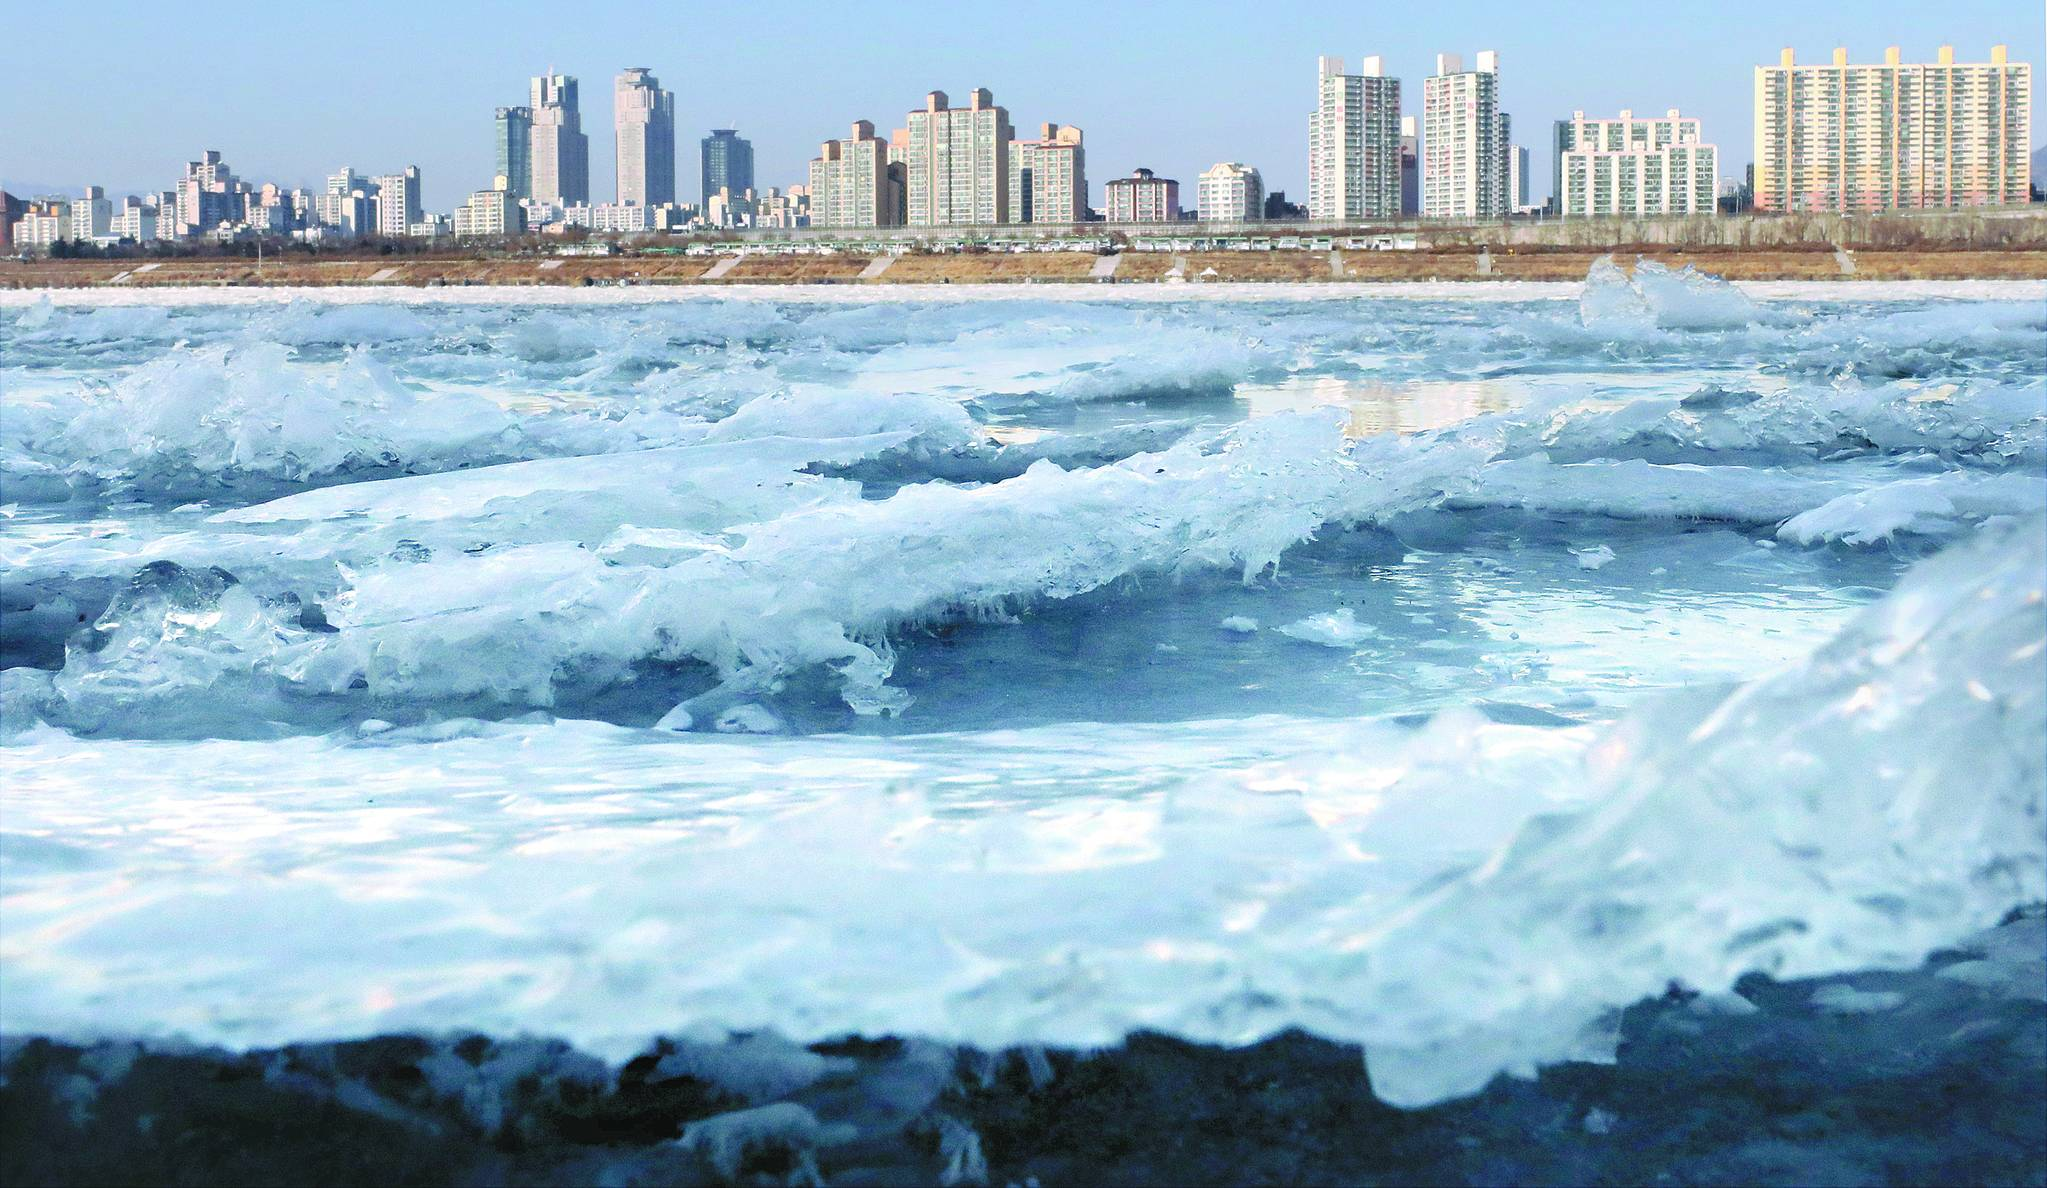 1월 서울 한강이 얼어붙은 모습. [뉴시스]